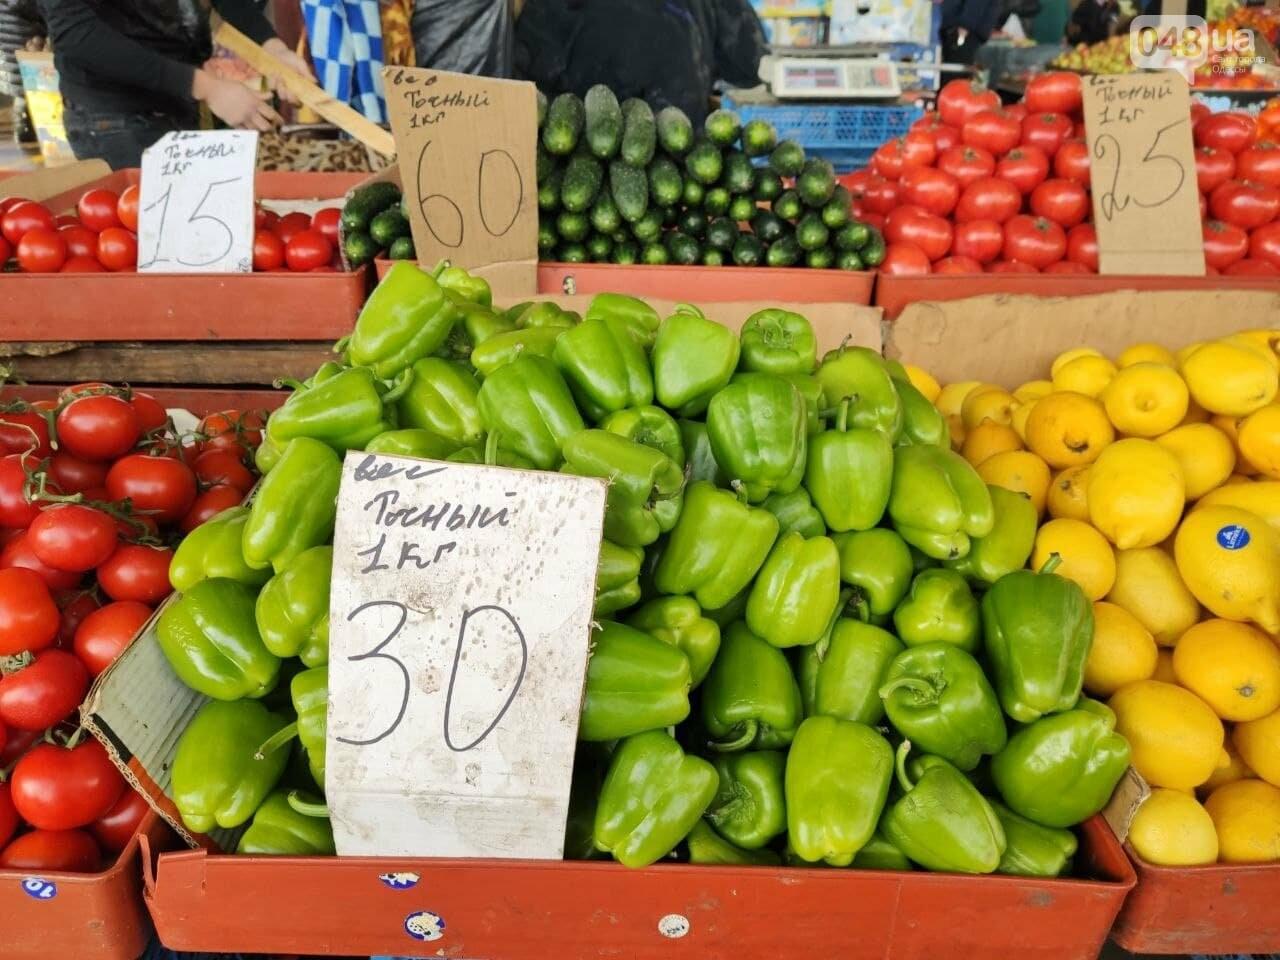 Огурцы, баклажаны, манго: почем на одесском Привозе фрукты и овощи, - ФОТО, фото-1